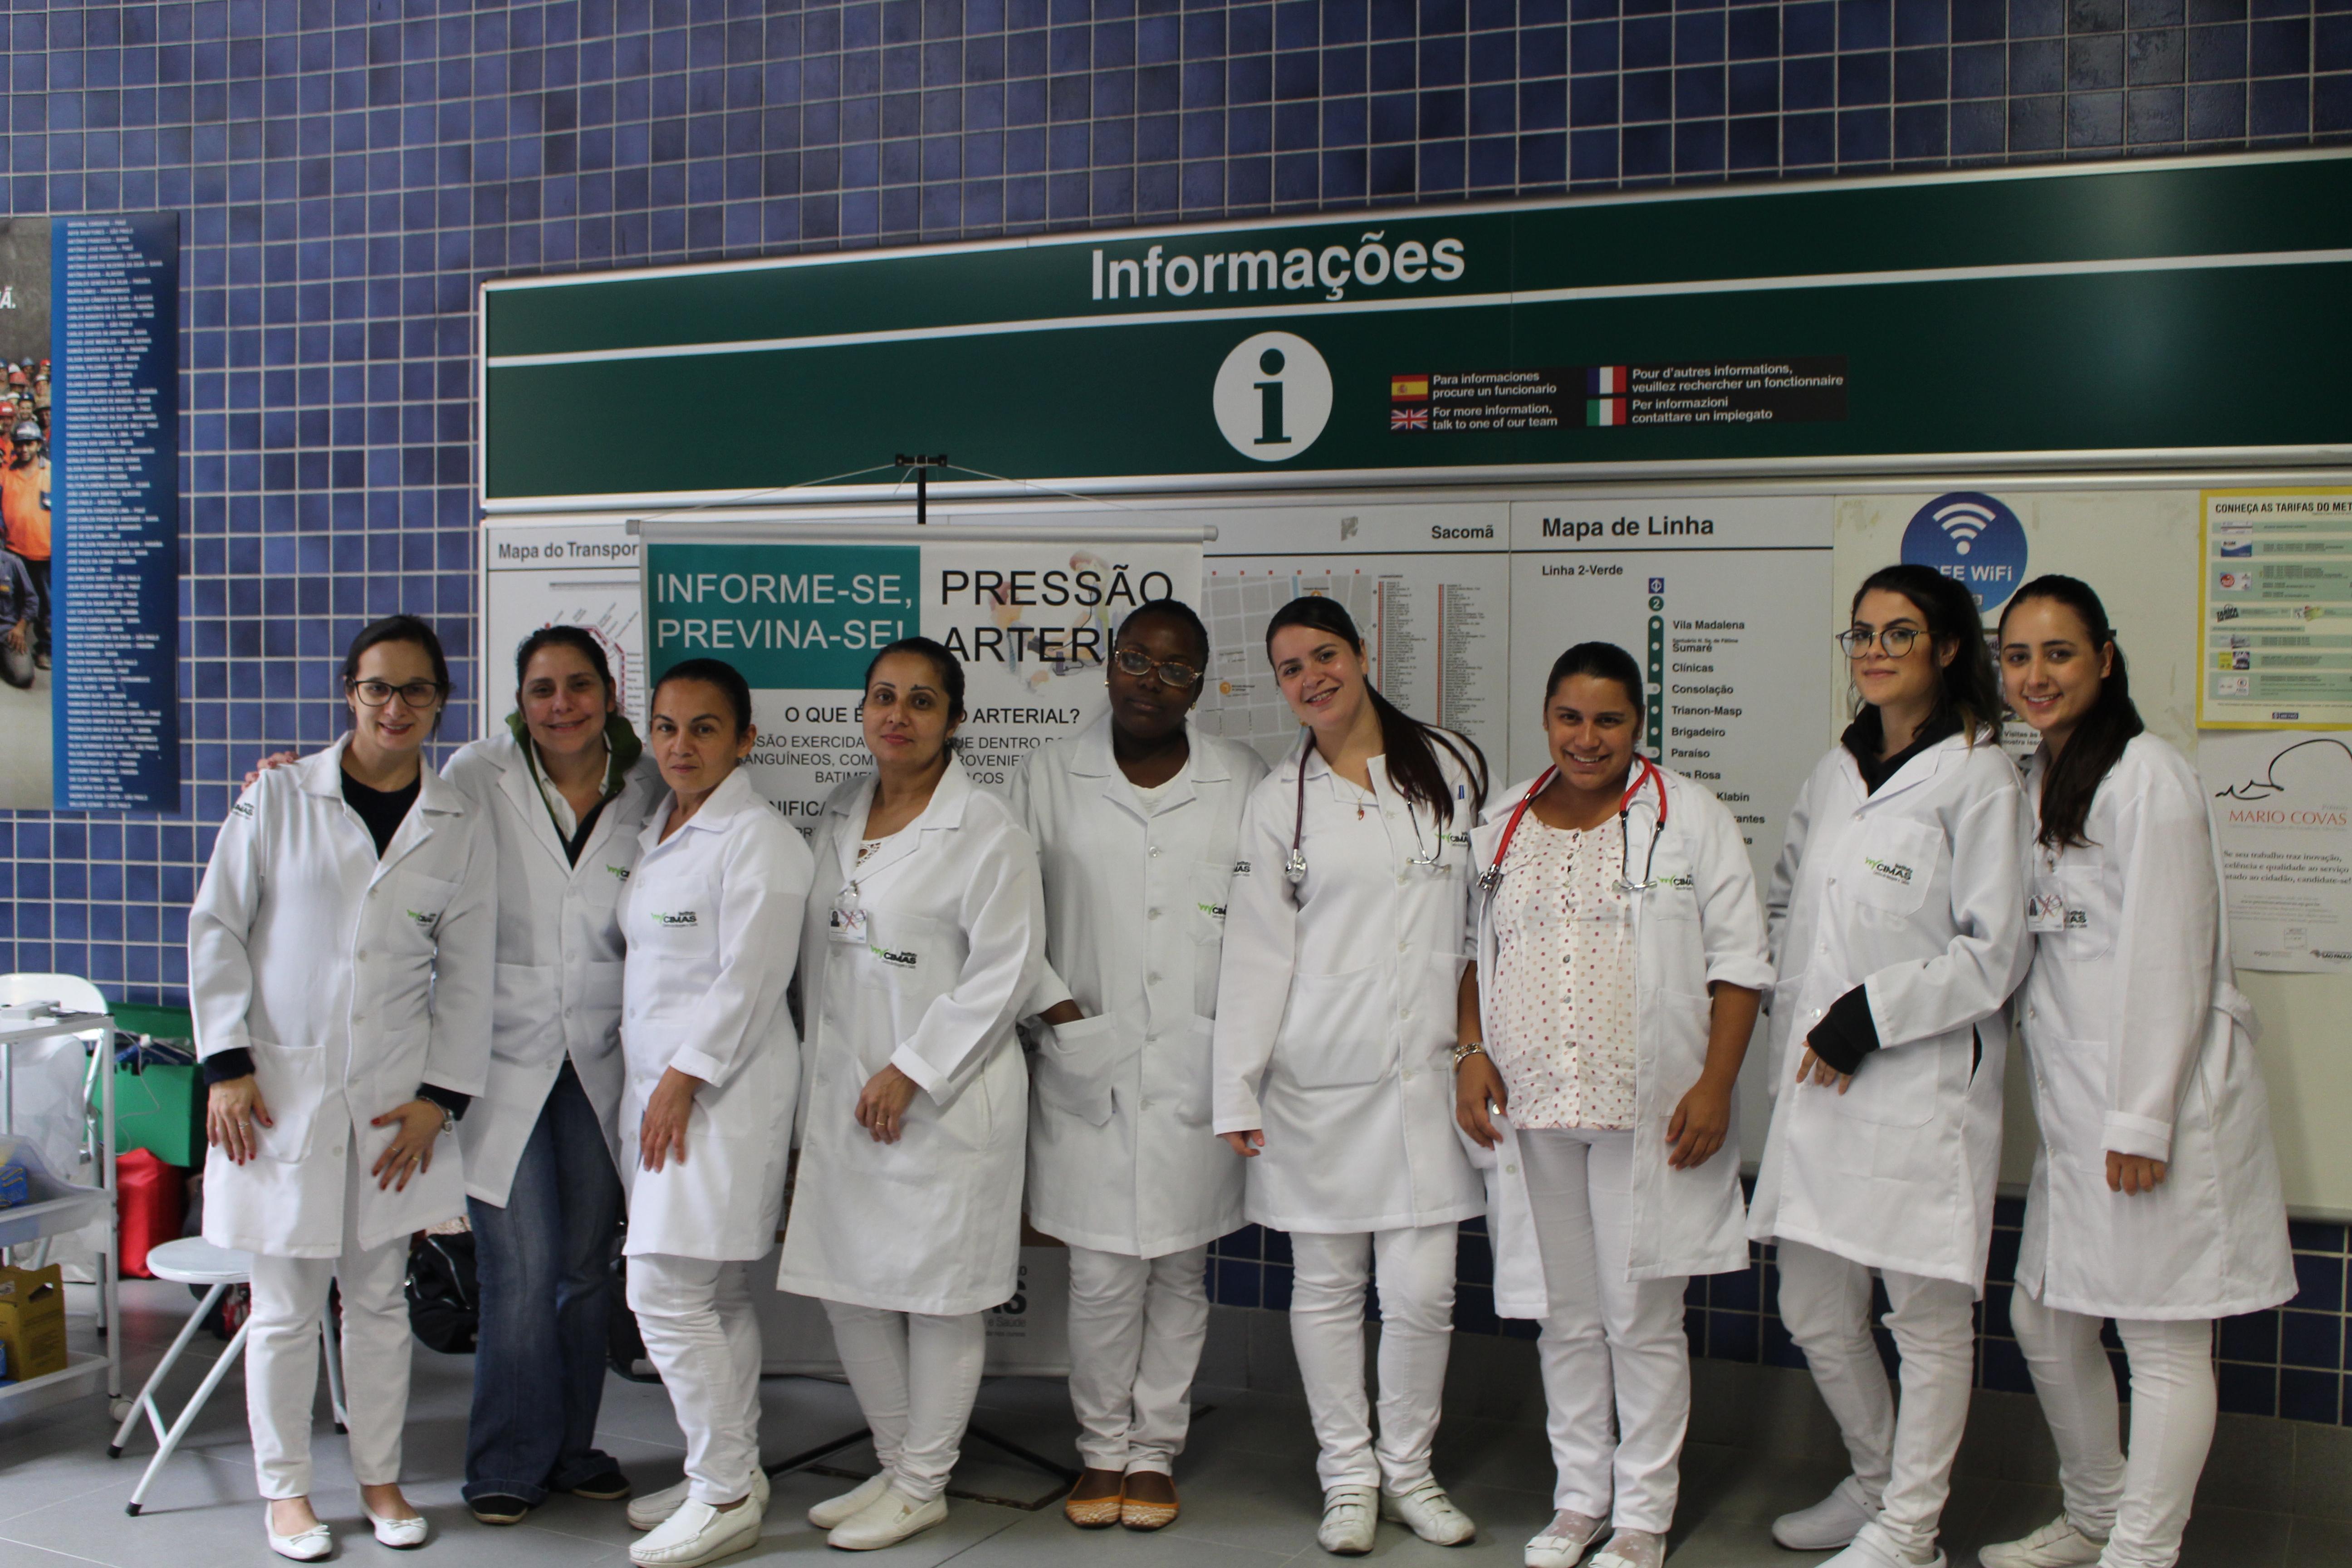 Ação no metrô da semana da enfermagem